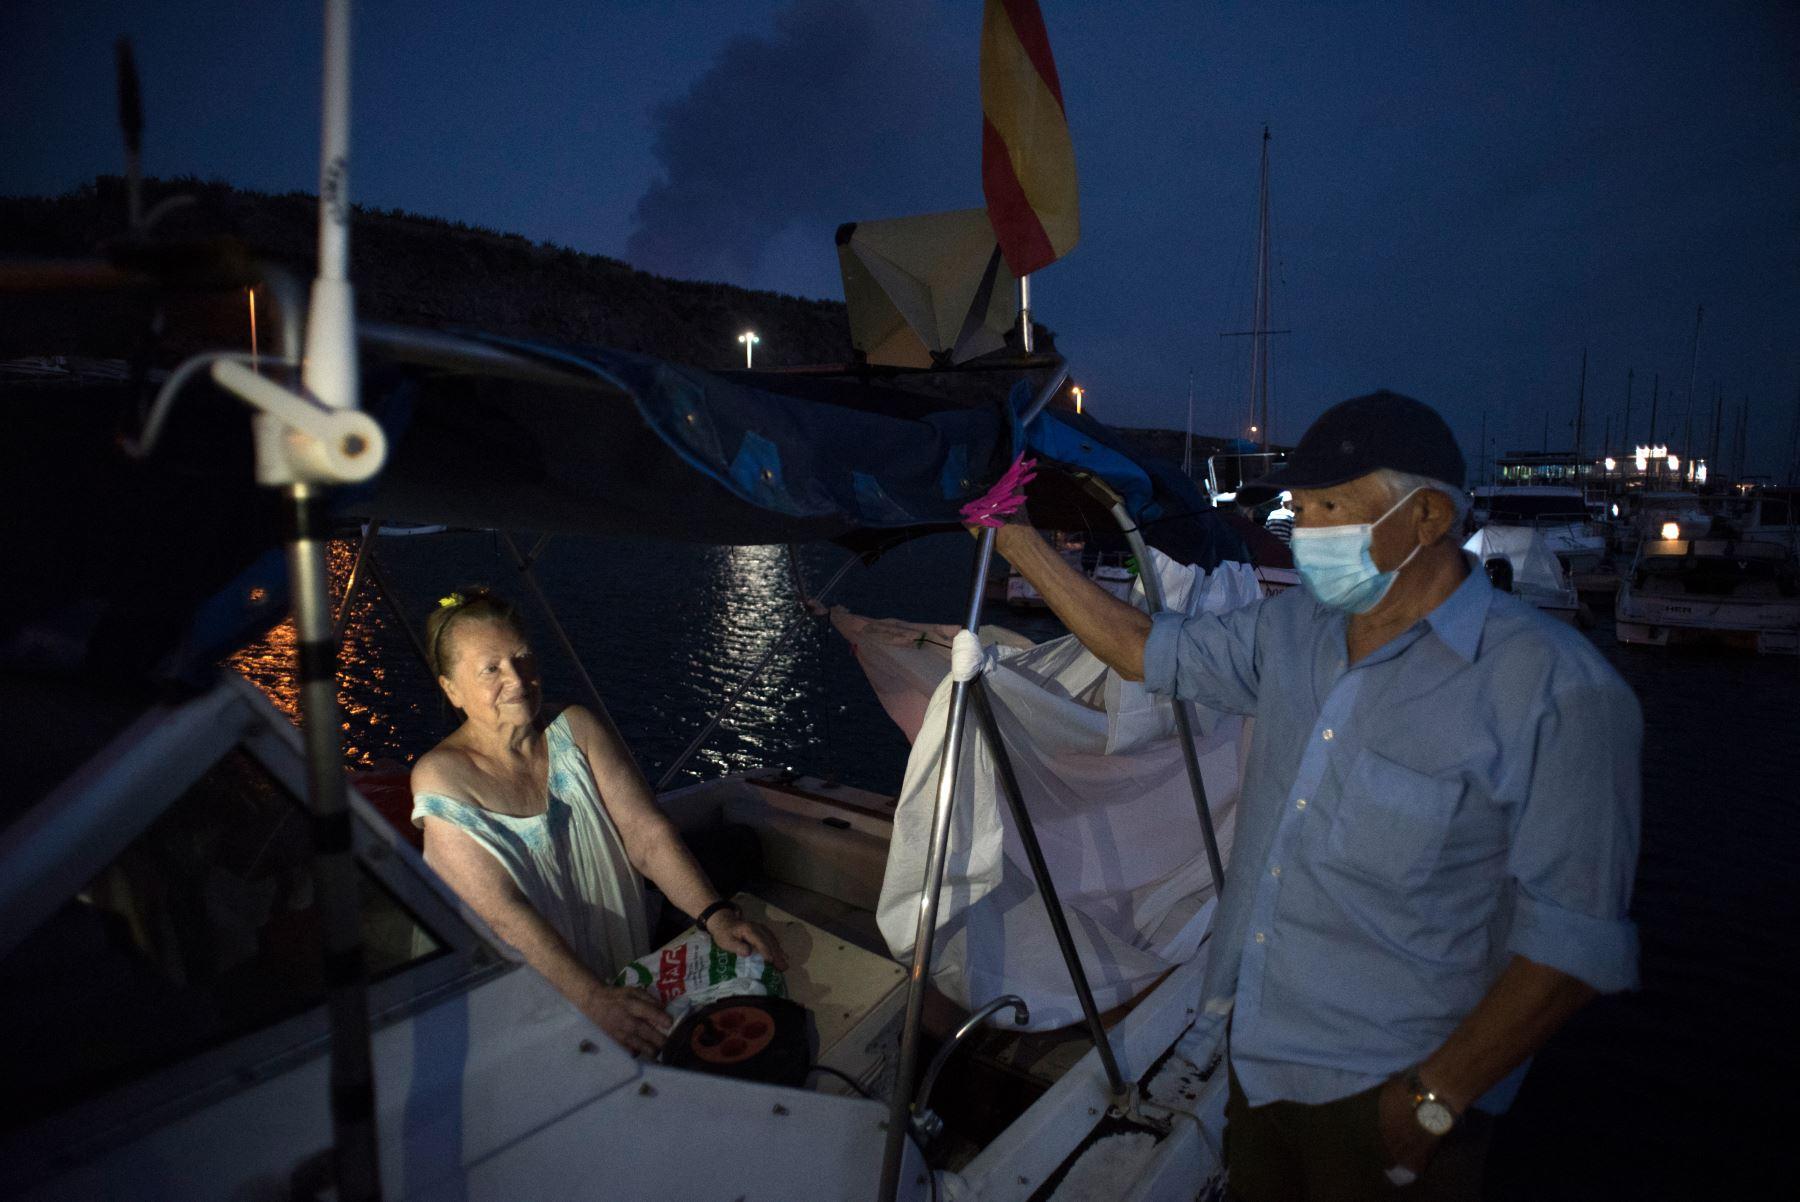 El matrimonio de ancianos que se protegieron del volcán de La Palma en una lancha [fotos]